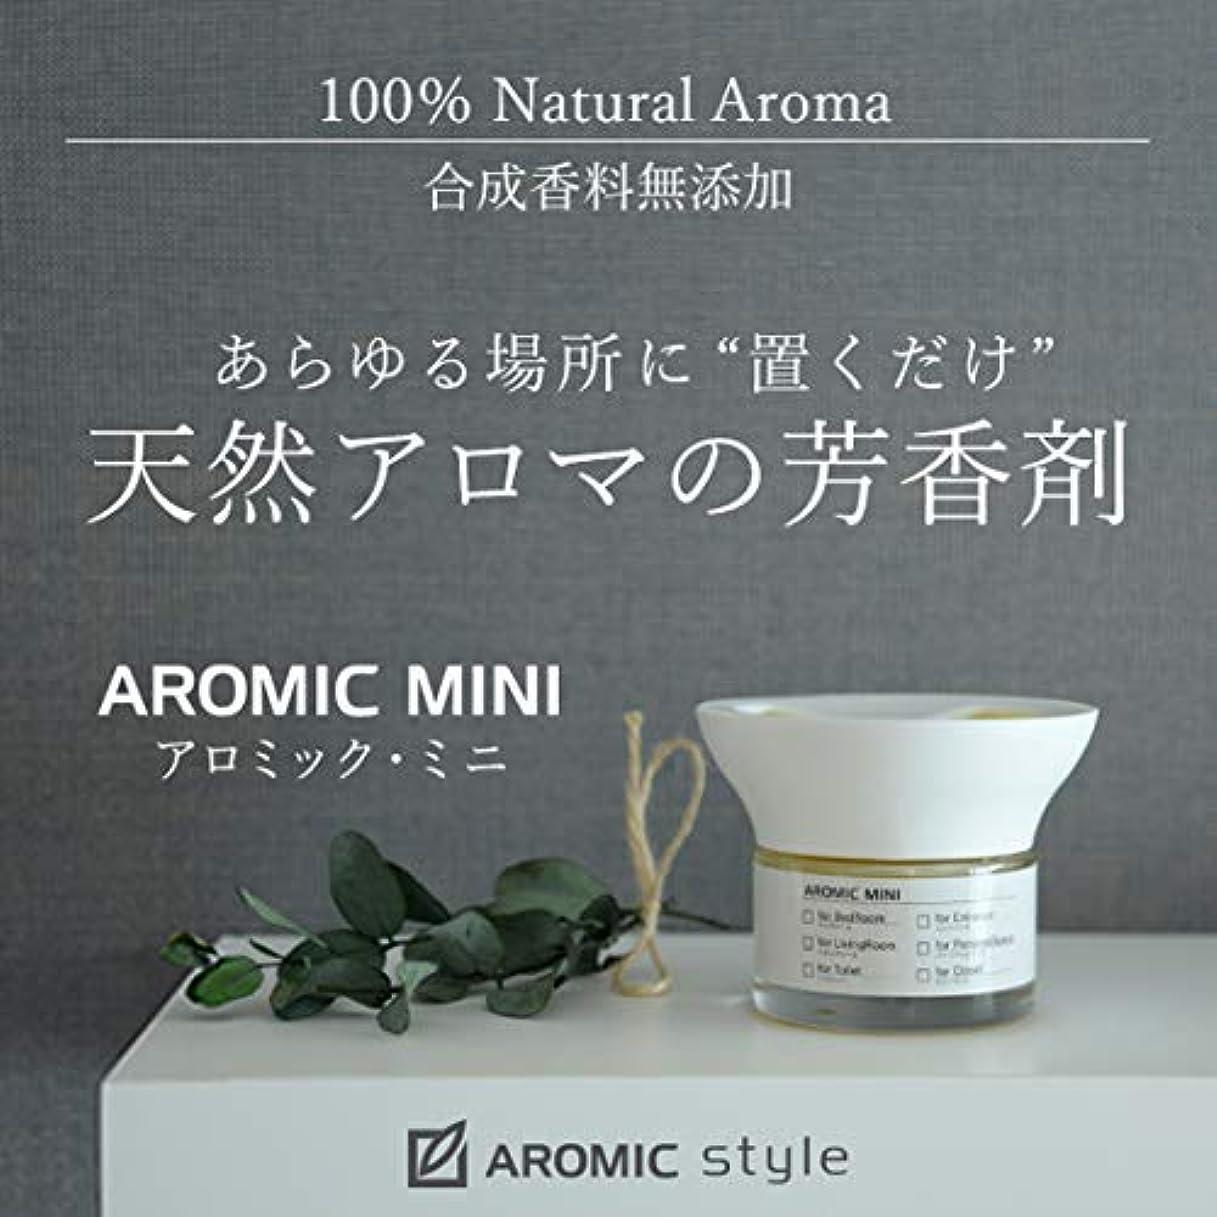 備品解放だますAROMIC style アロマディフューザー アロミックミニ【for LivingRoom】